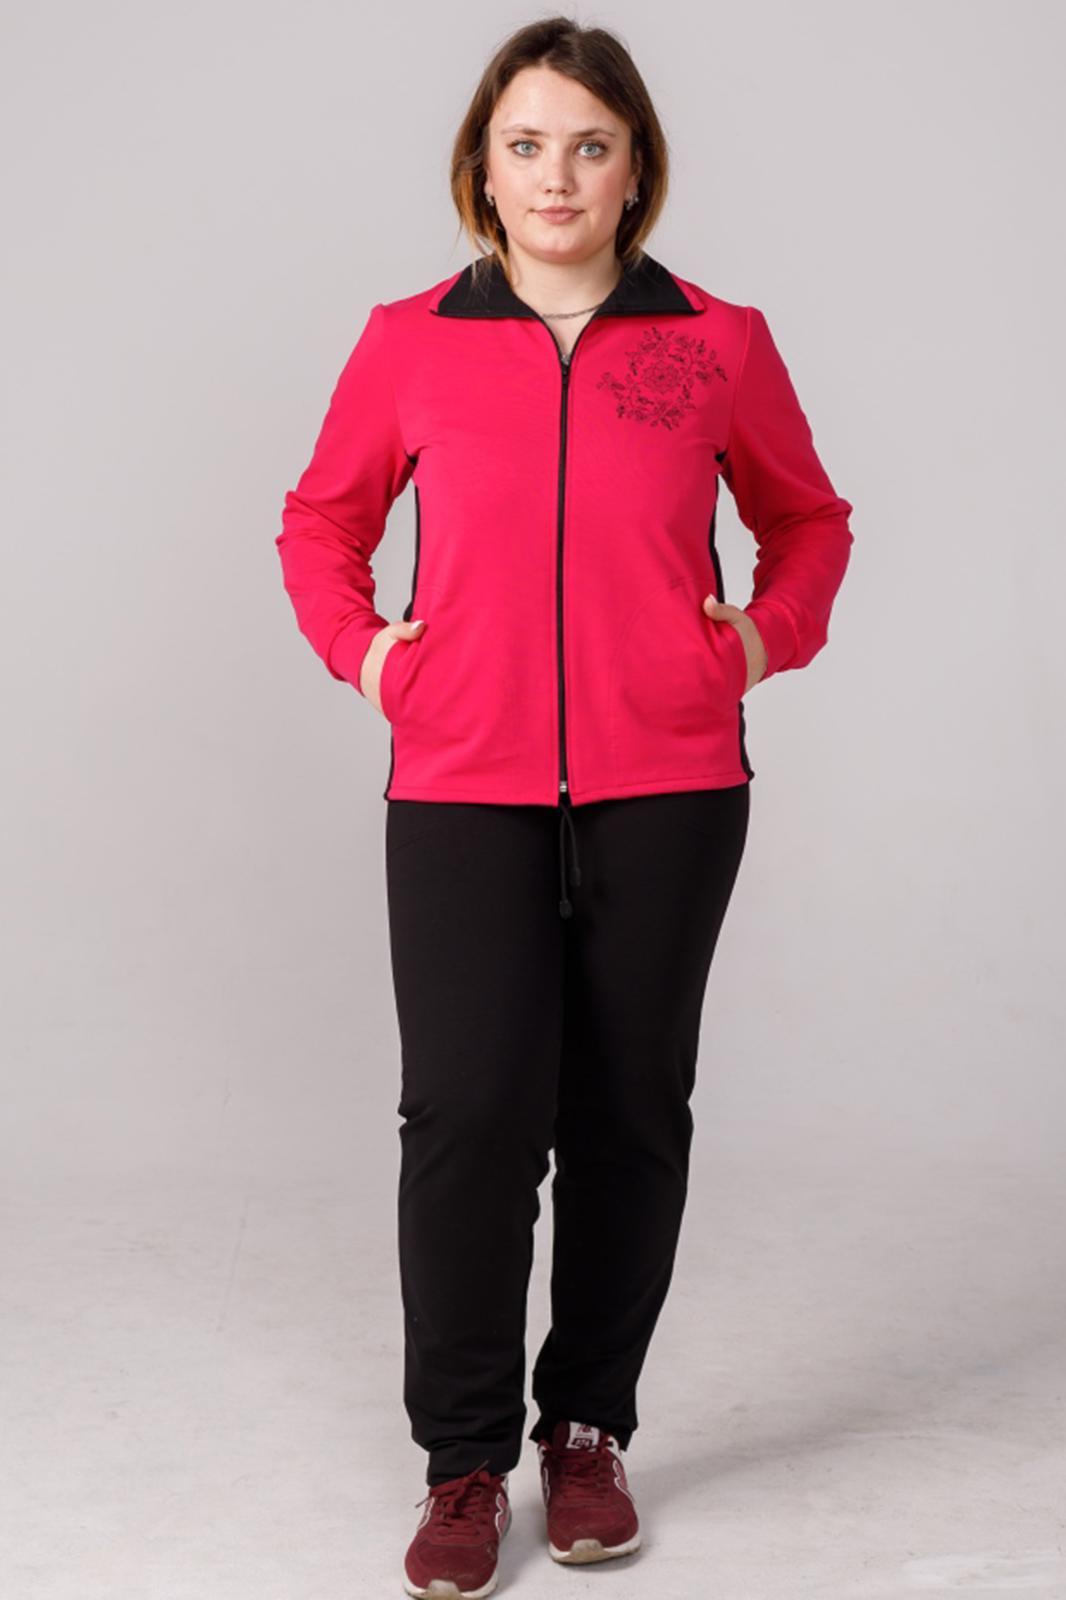 bc3081ddb33 Купить спортивный женский костюм большого размера в Минске